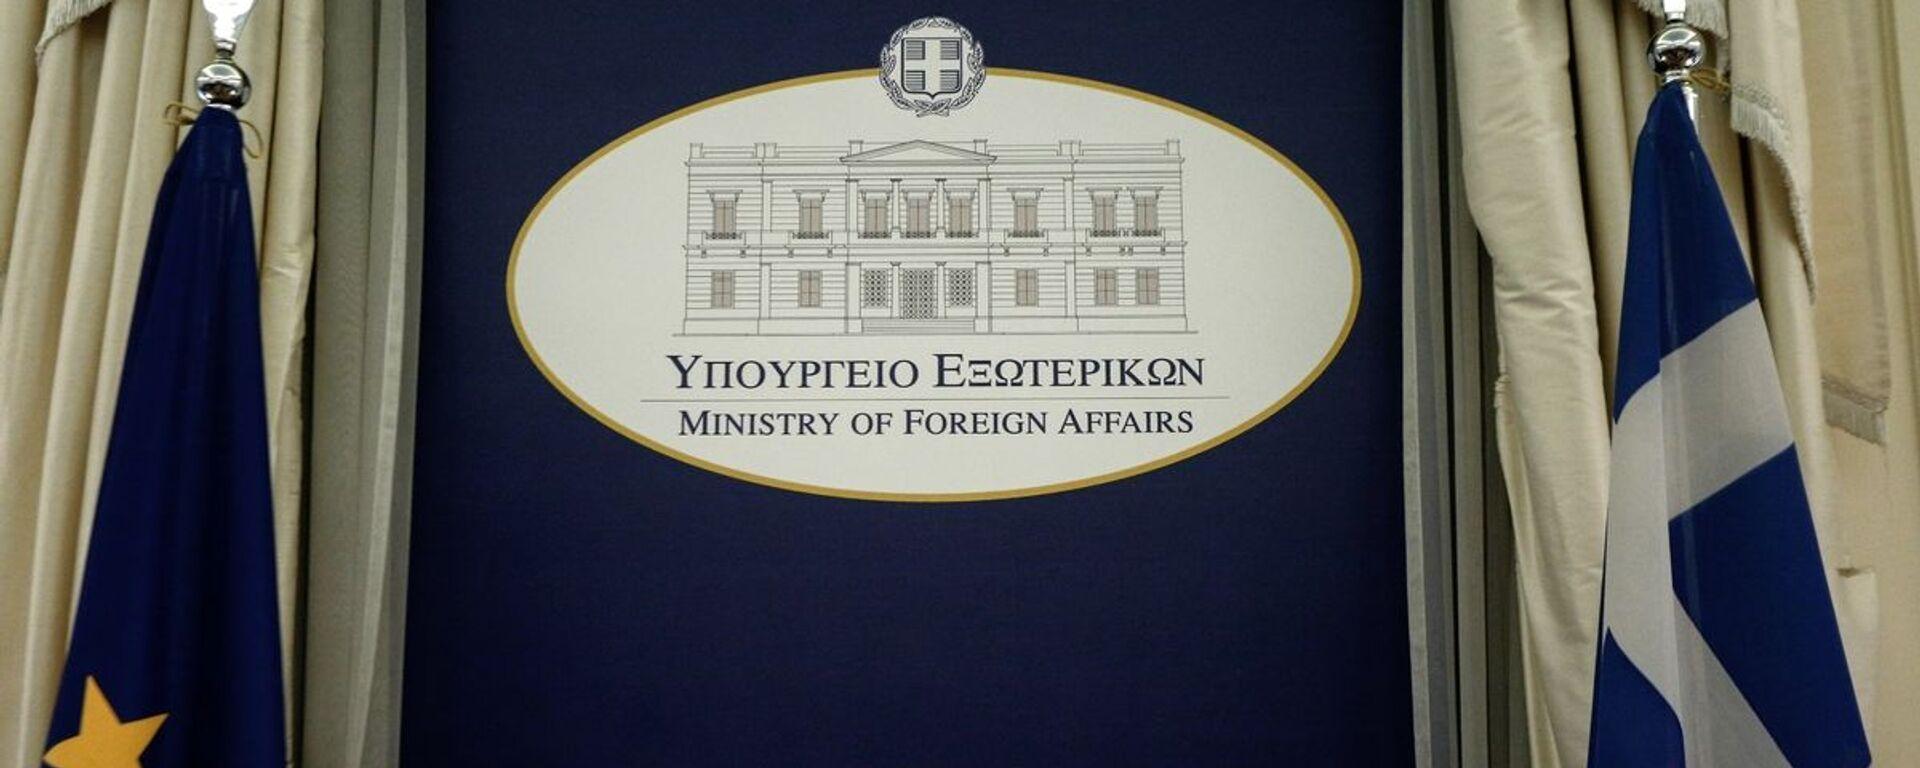 Ελληνικό υπουργείο Εξωτερικών - Sputnik Ελλάδα, 1920, 20.09.2021